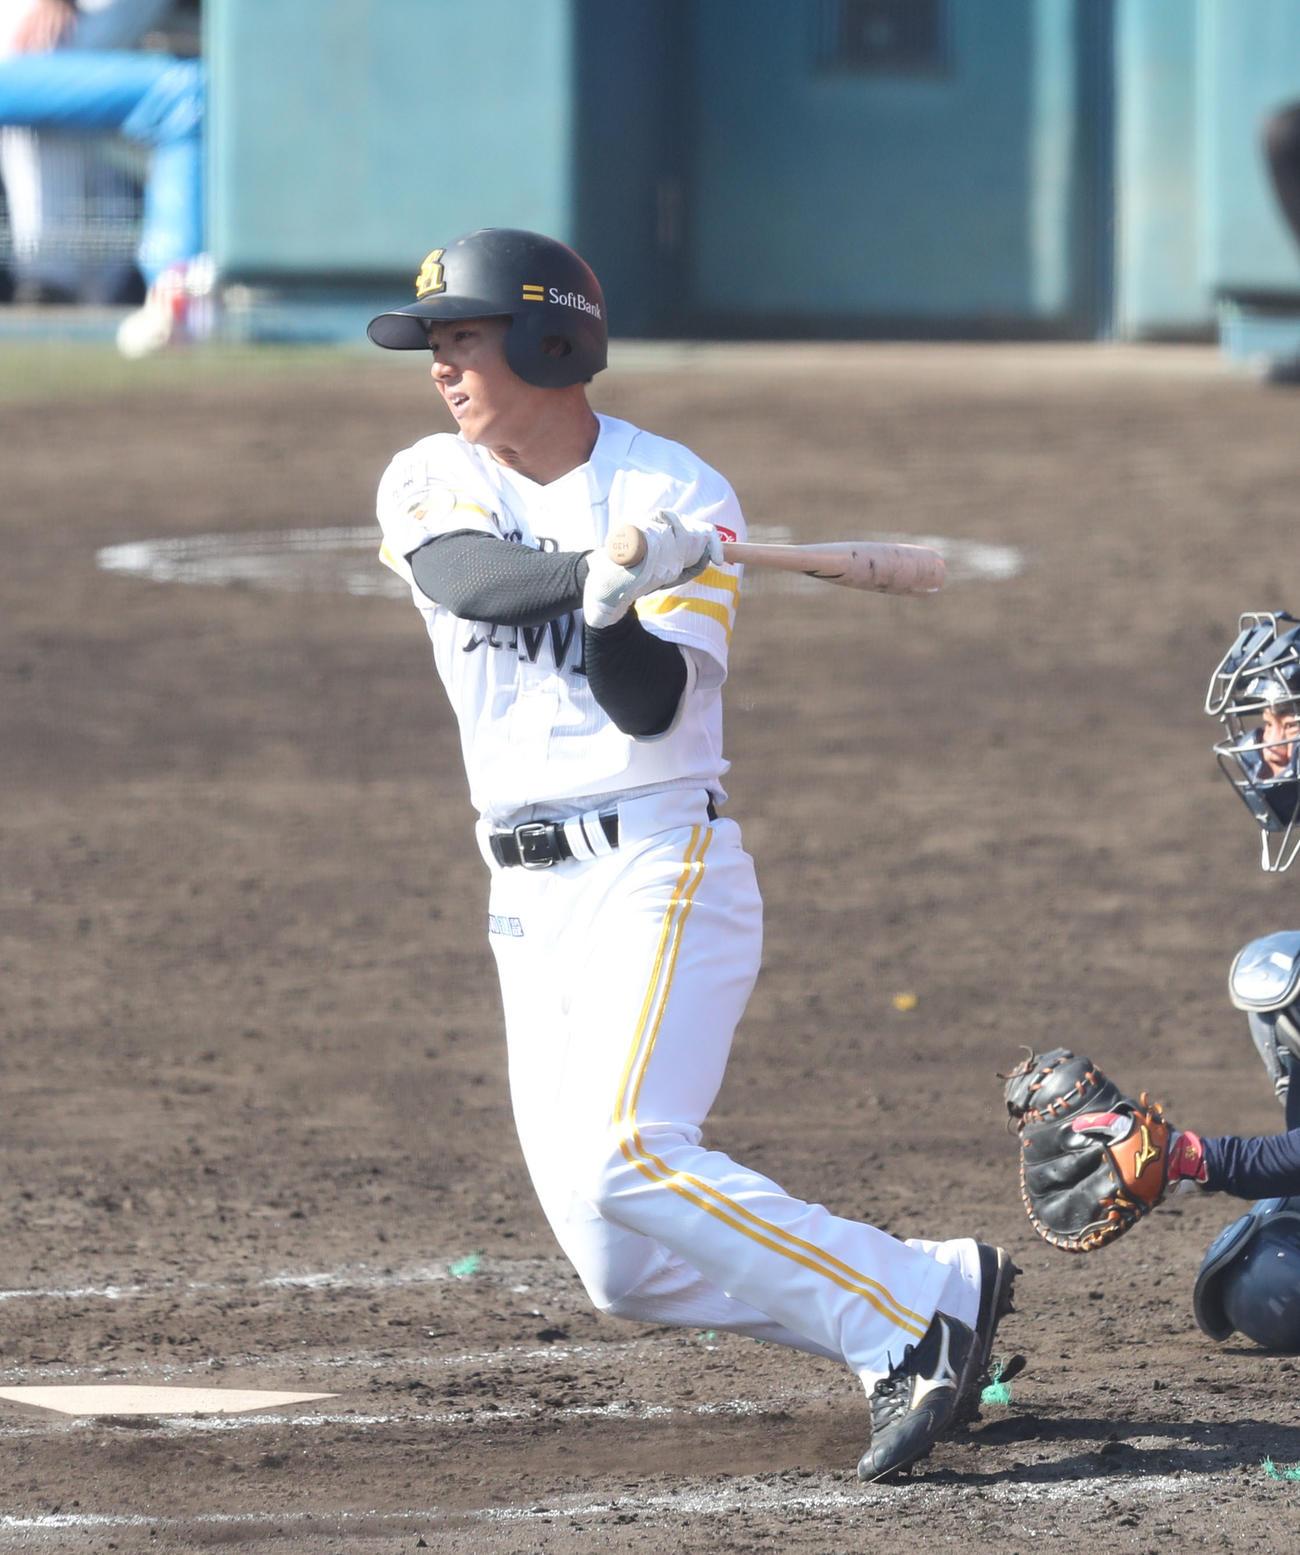 練習試合 西武対ソフトバンク 7回裏ソフトバンク無死一塁、佐藤直樹は左前安打を放つ(撮影・梅根麻紀)